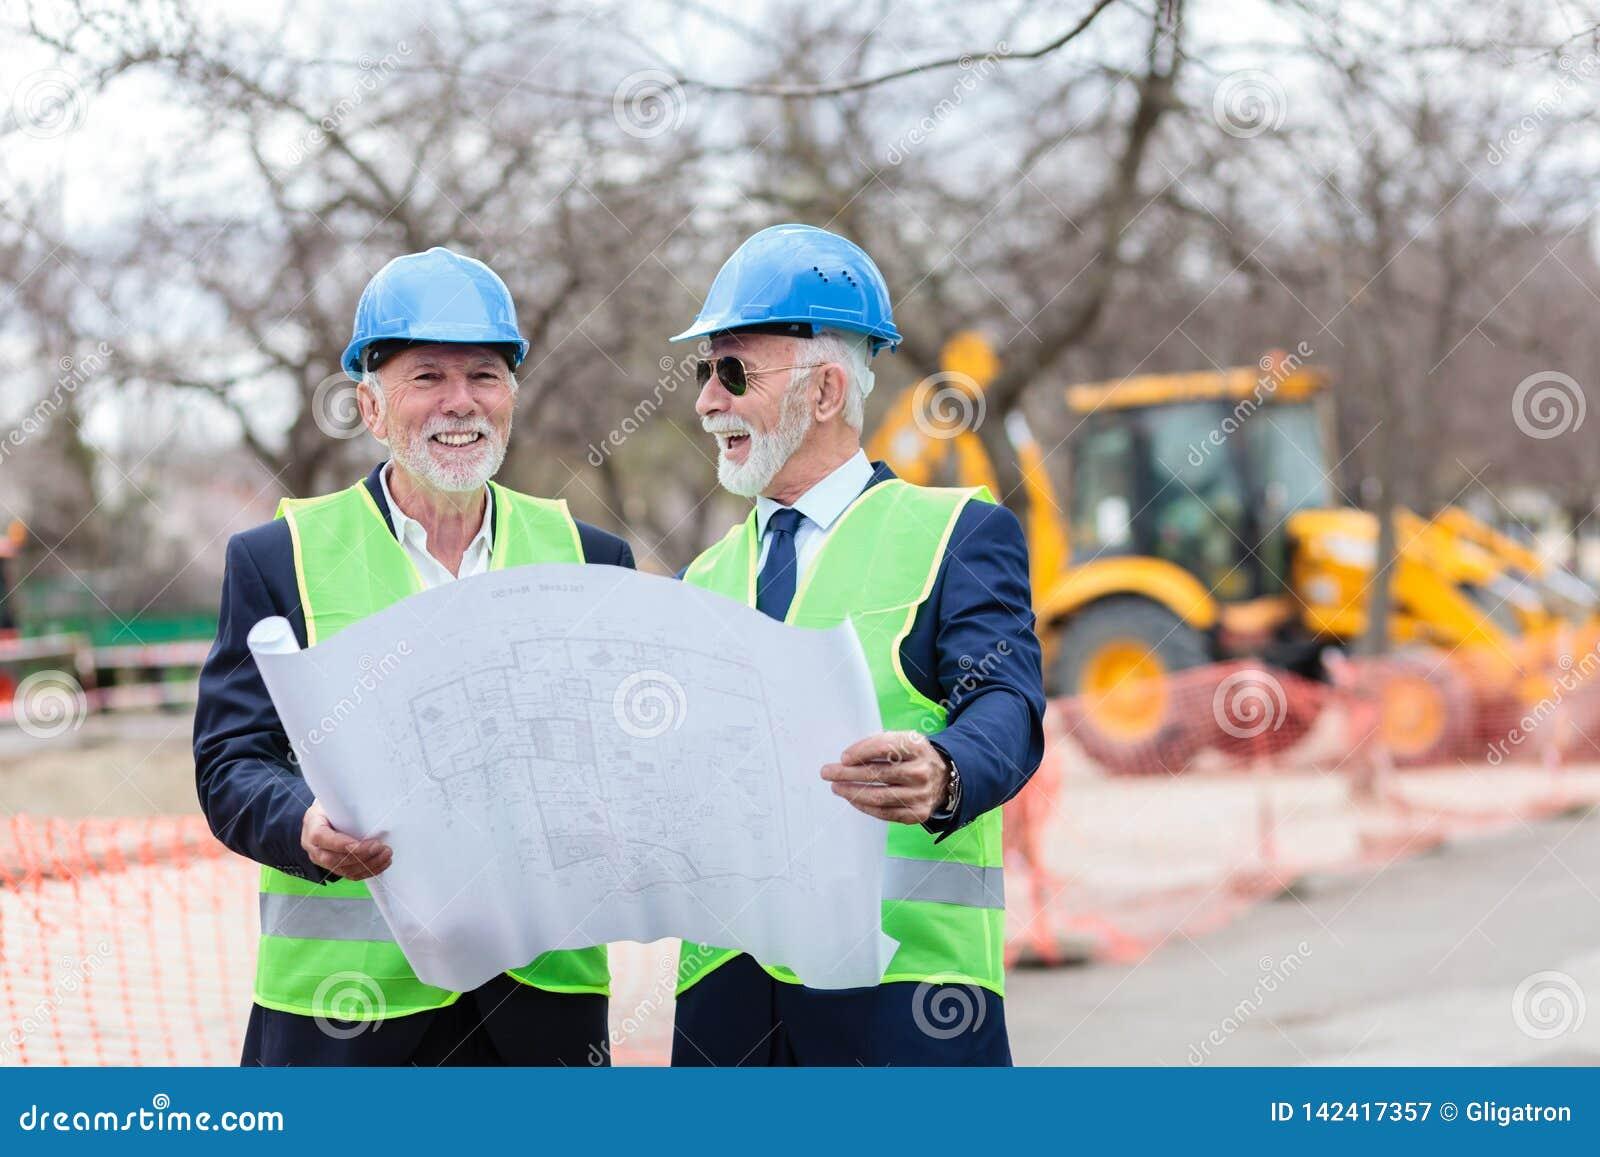 Dois arquitetos ou sócios comerciais superiores que visitam o canteiro de obras, olhando modelos da construção